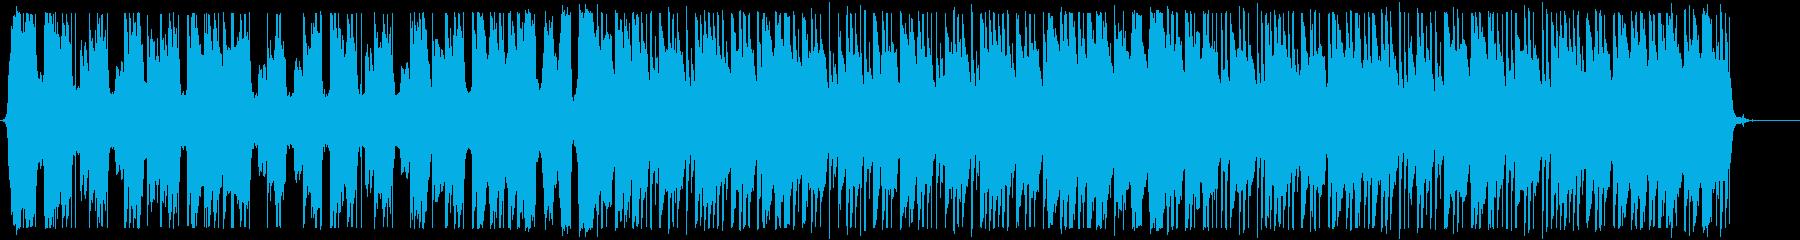 爽やかなトロピカルハウス_No586_4の再生済みの波形